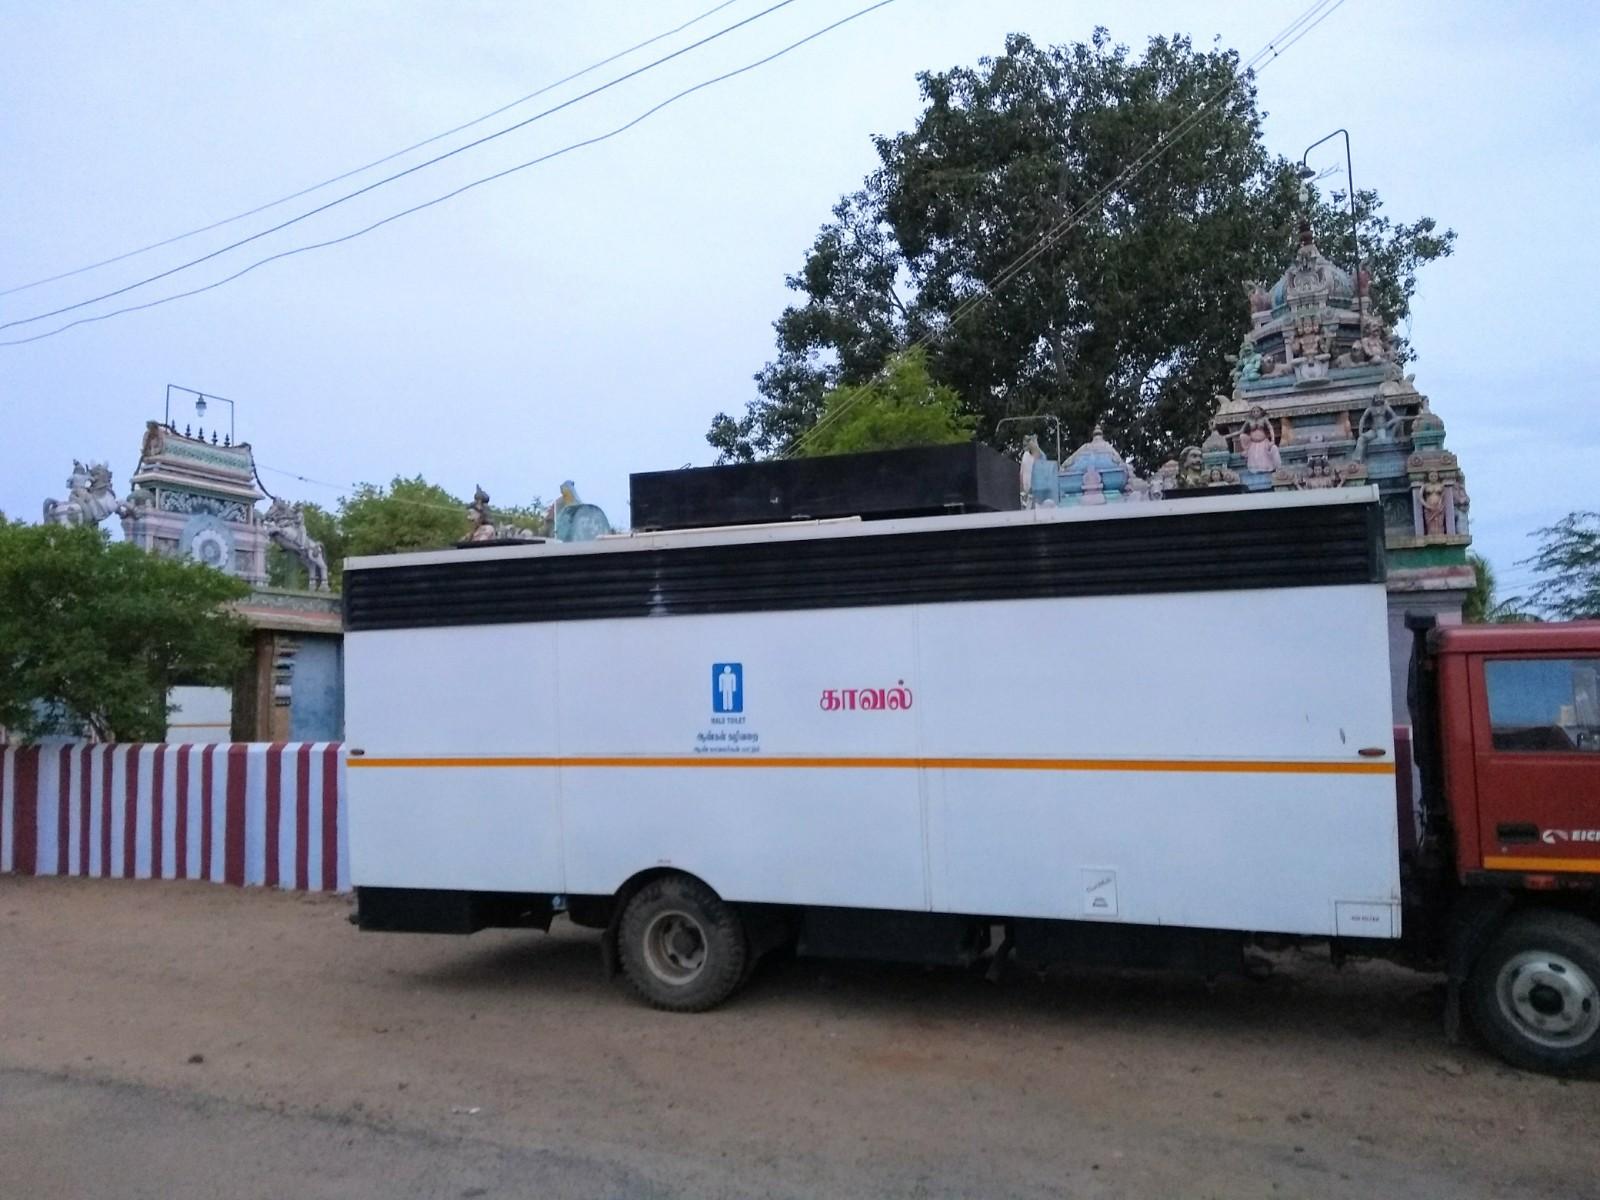 Caste violence: From Tamil Nadu village where three SC men were